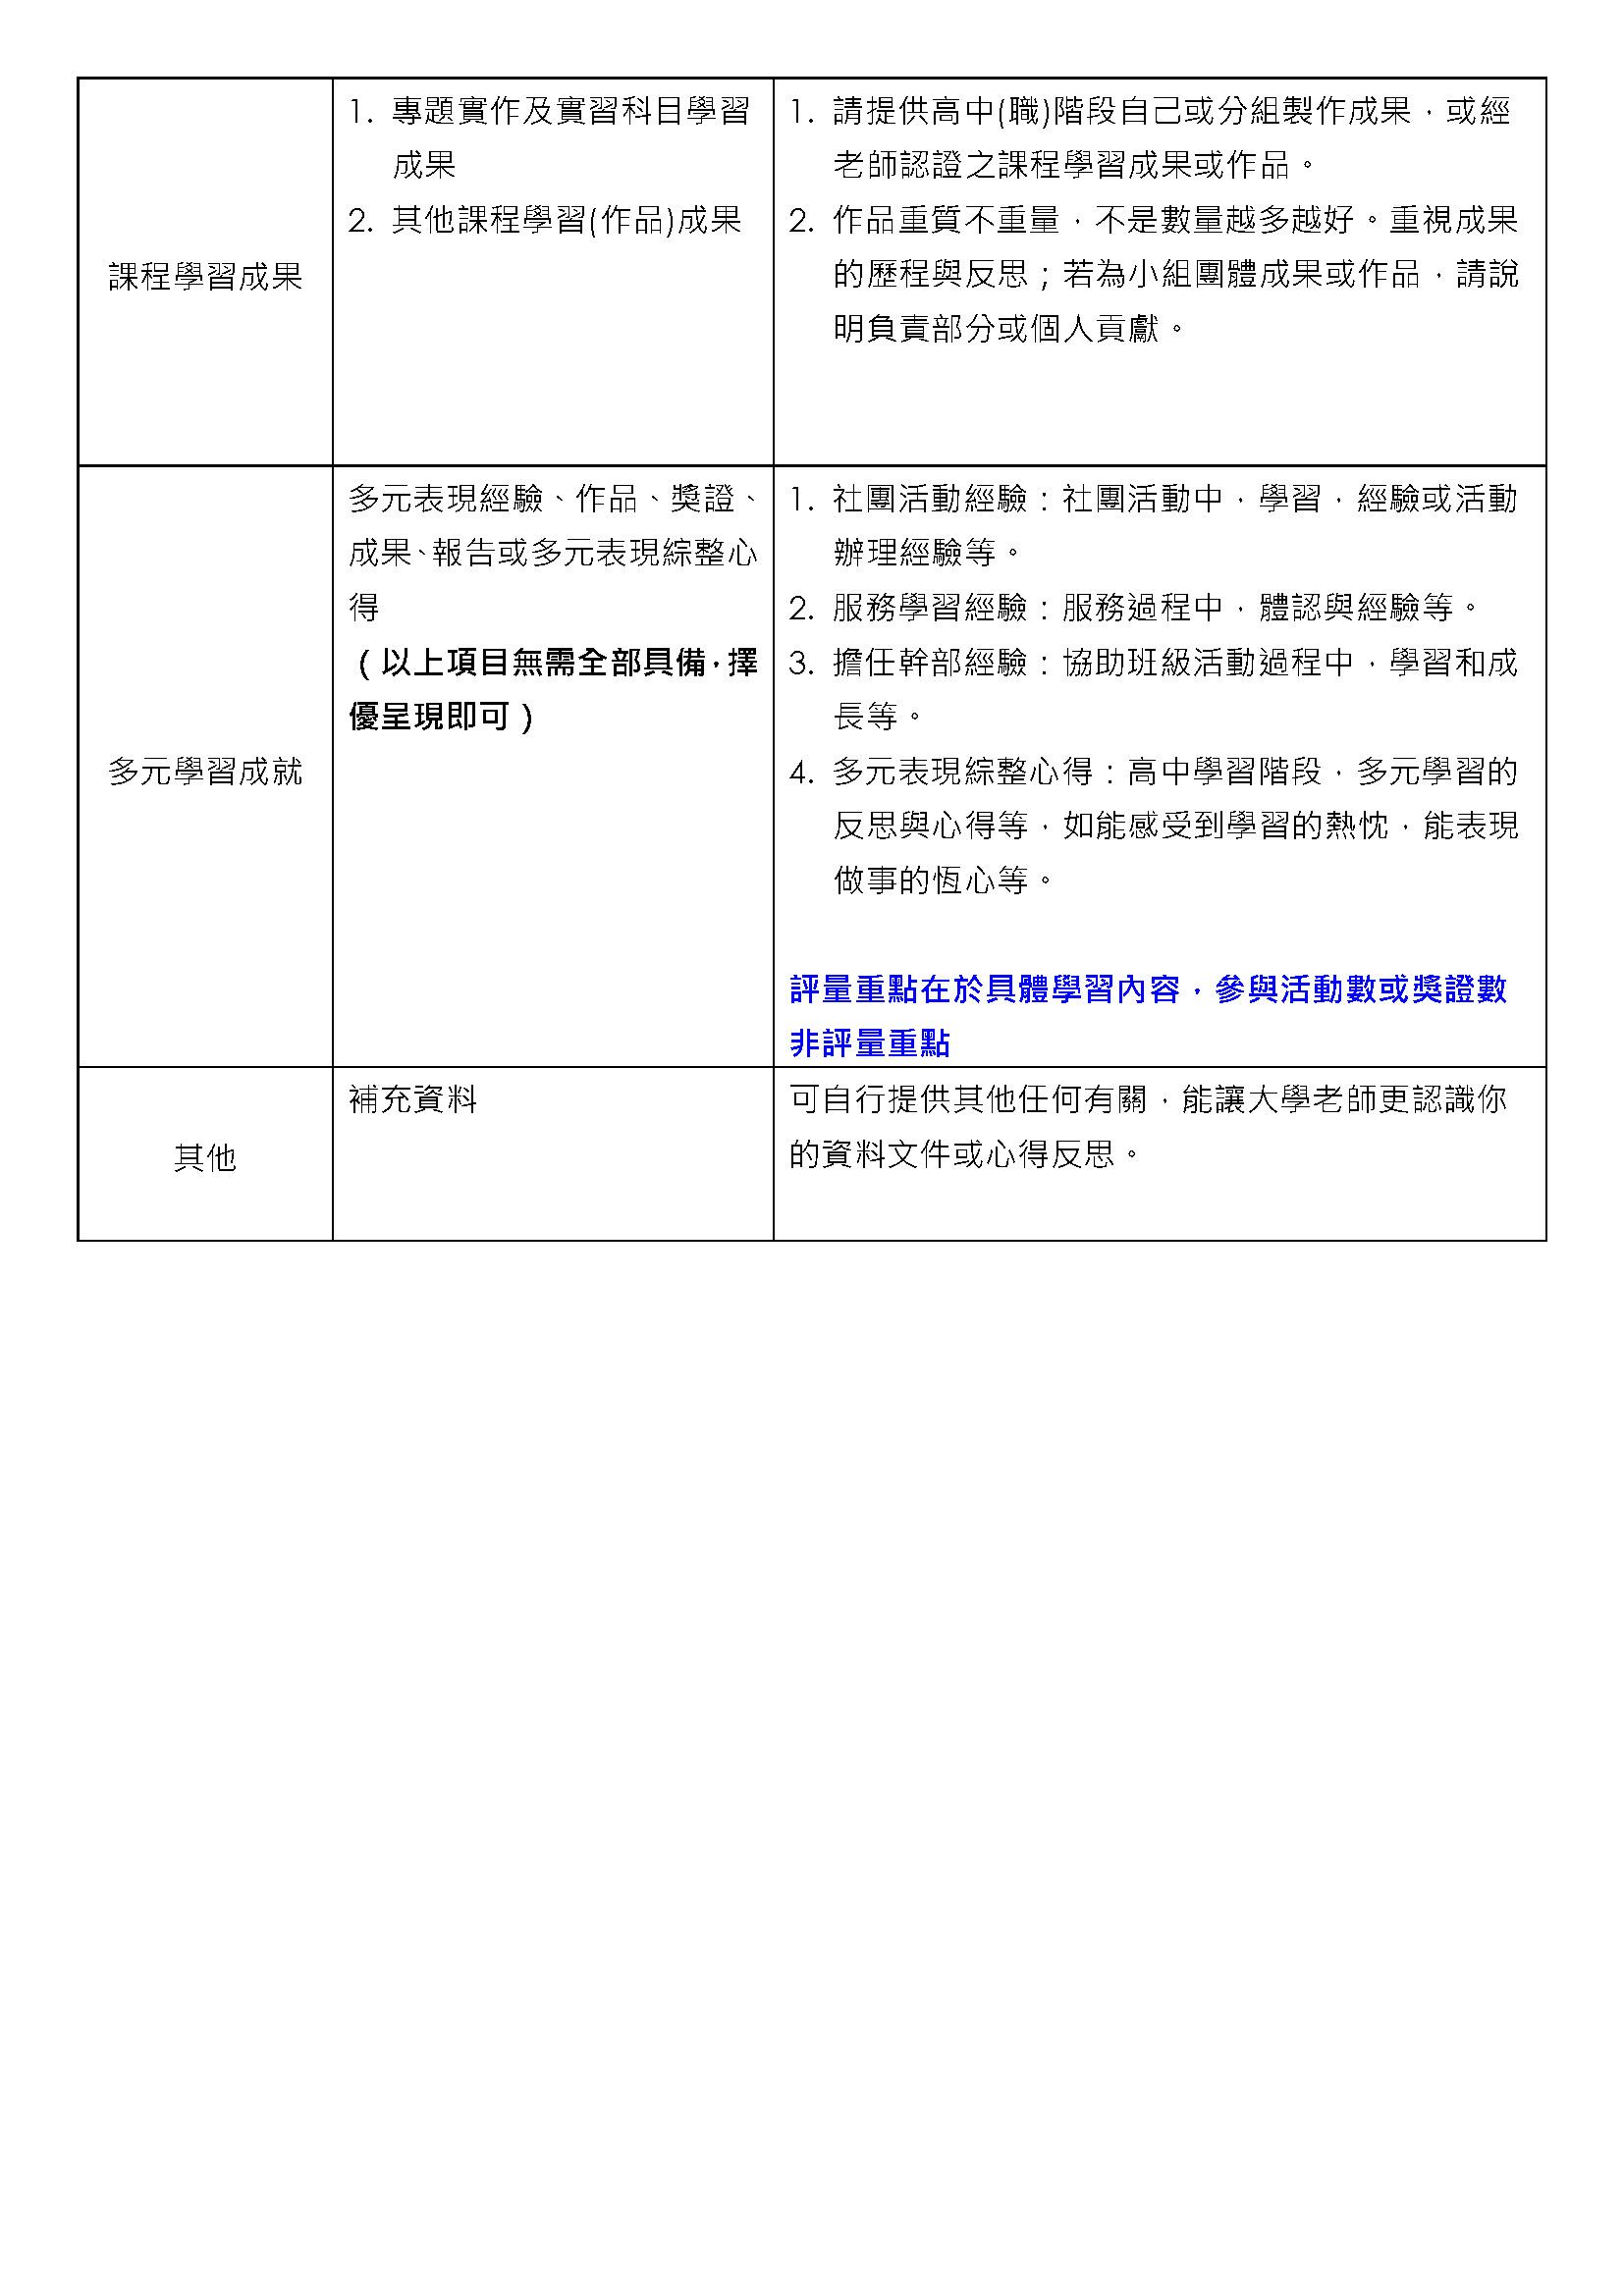 111甄選入學「備審資料準備指引」環境資源管理系20210805_頁面_2